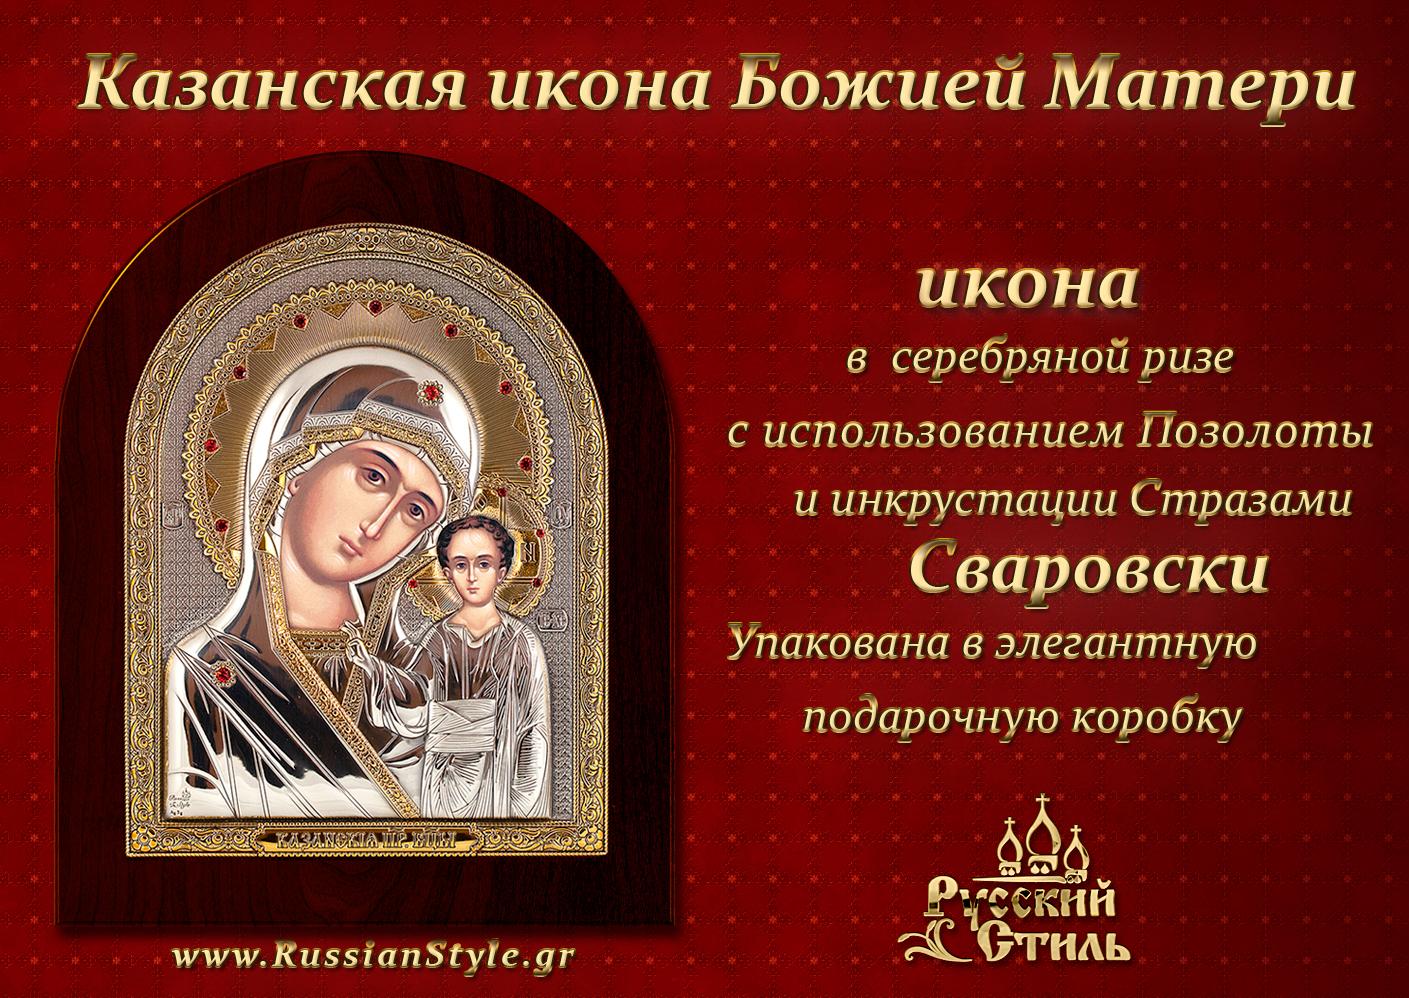 Поздравления с Днем Казанской иконы Божией Матери 2